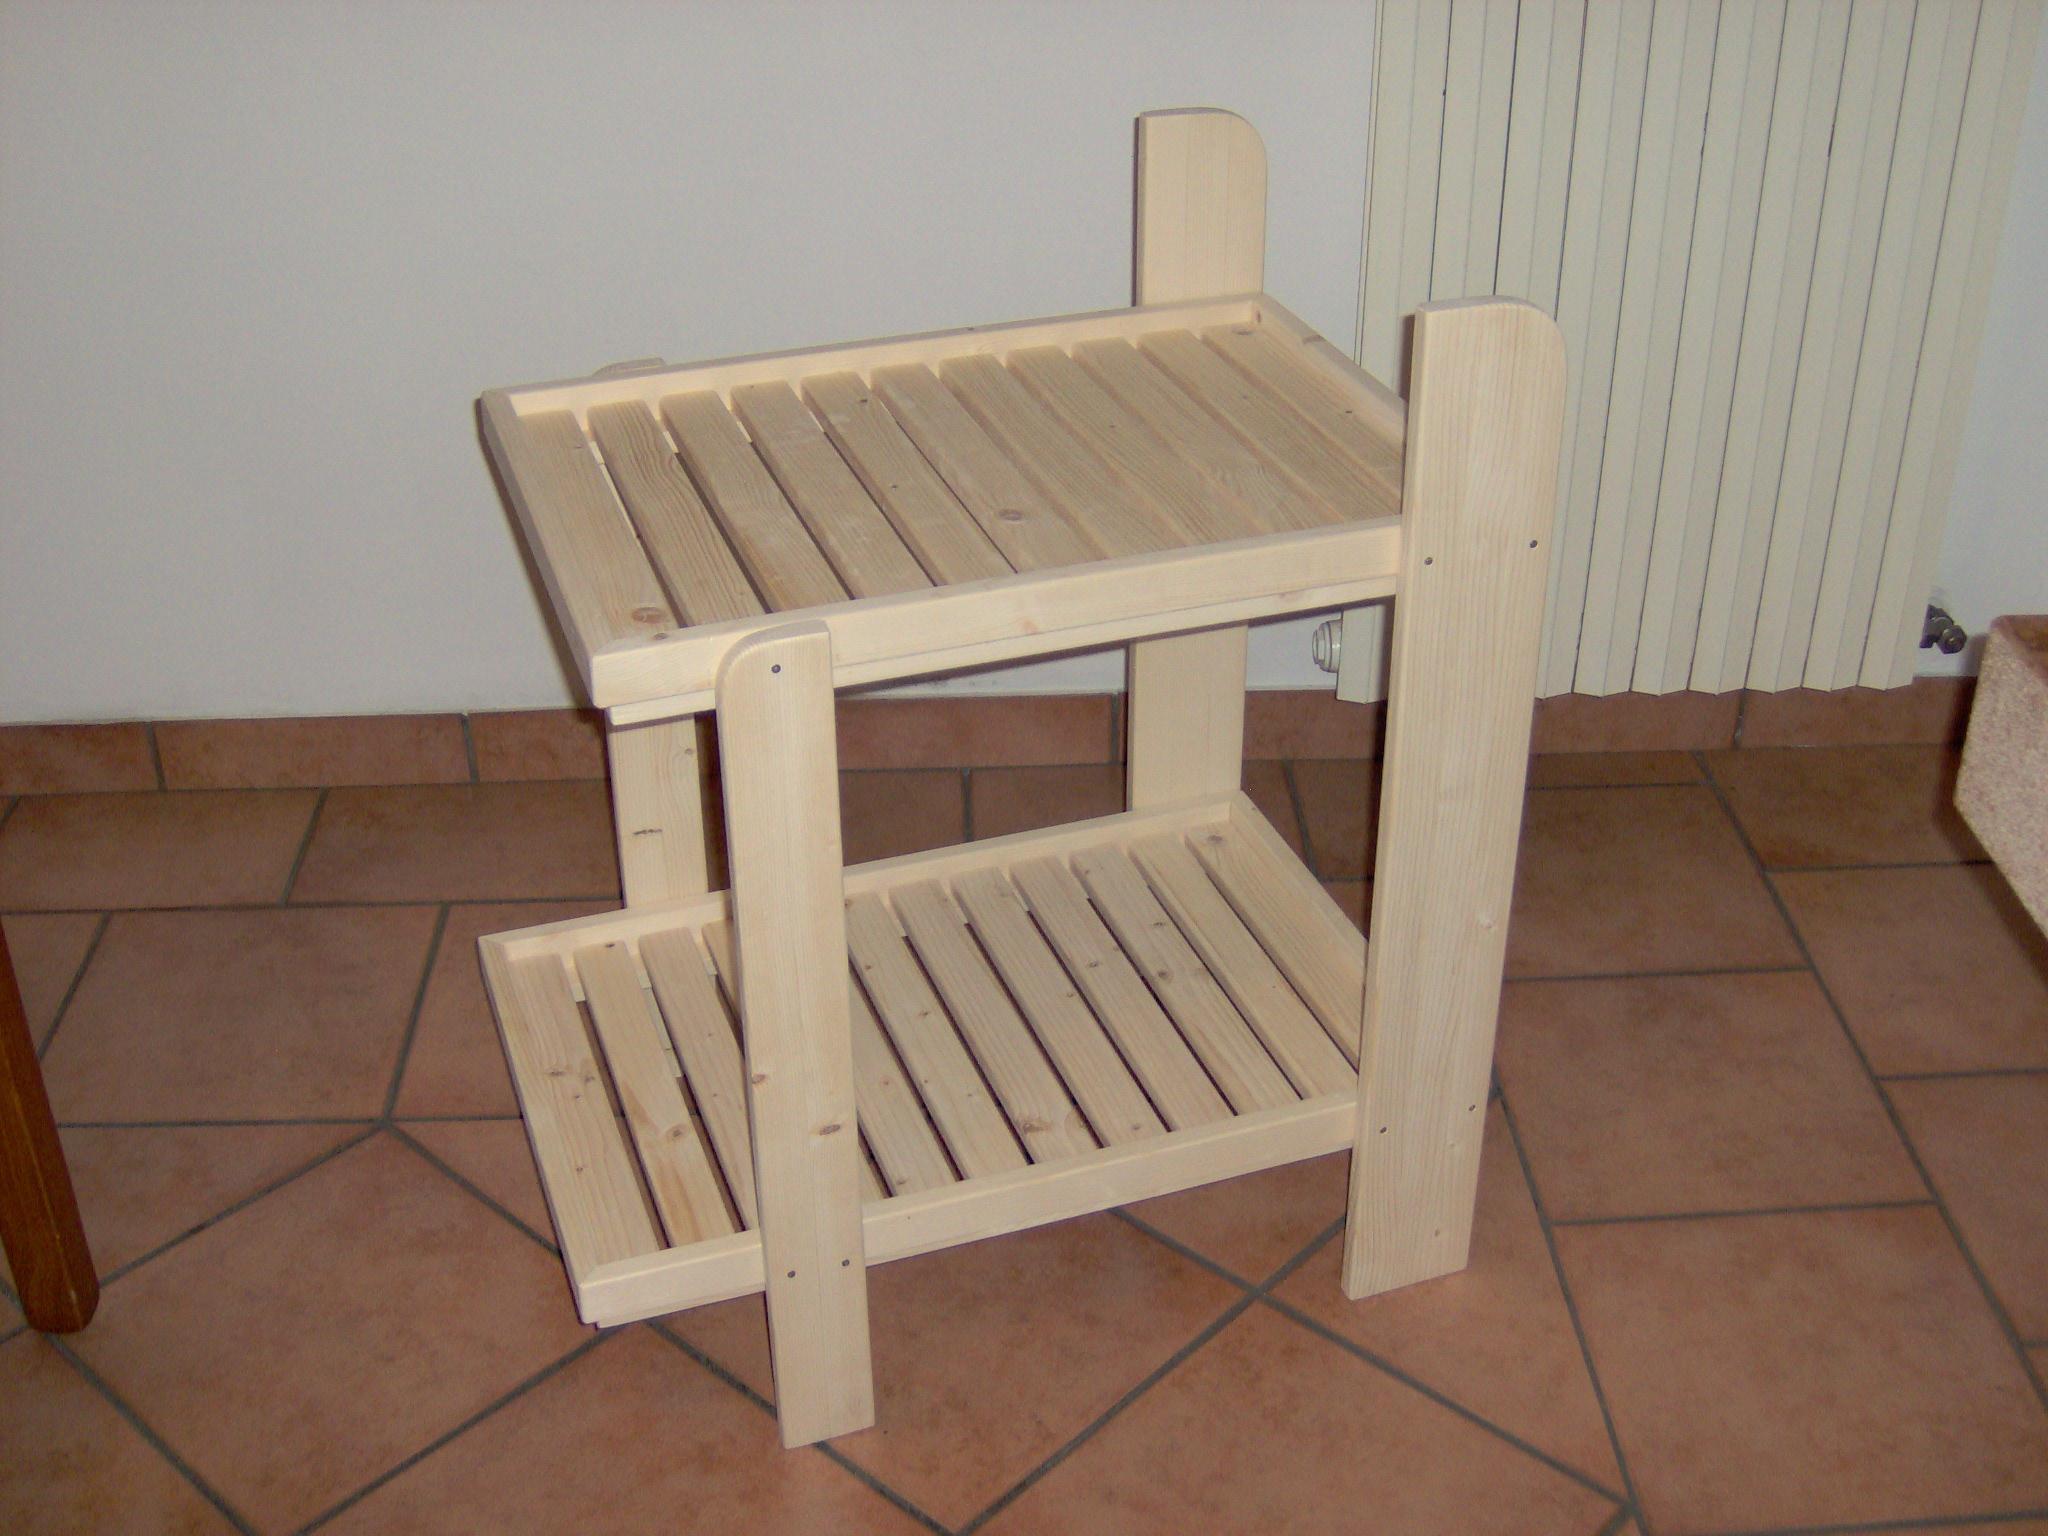 Oggetti in legno fai da te by silvano carrello for Carriola legno fai da te